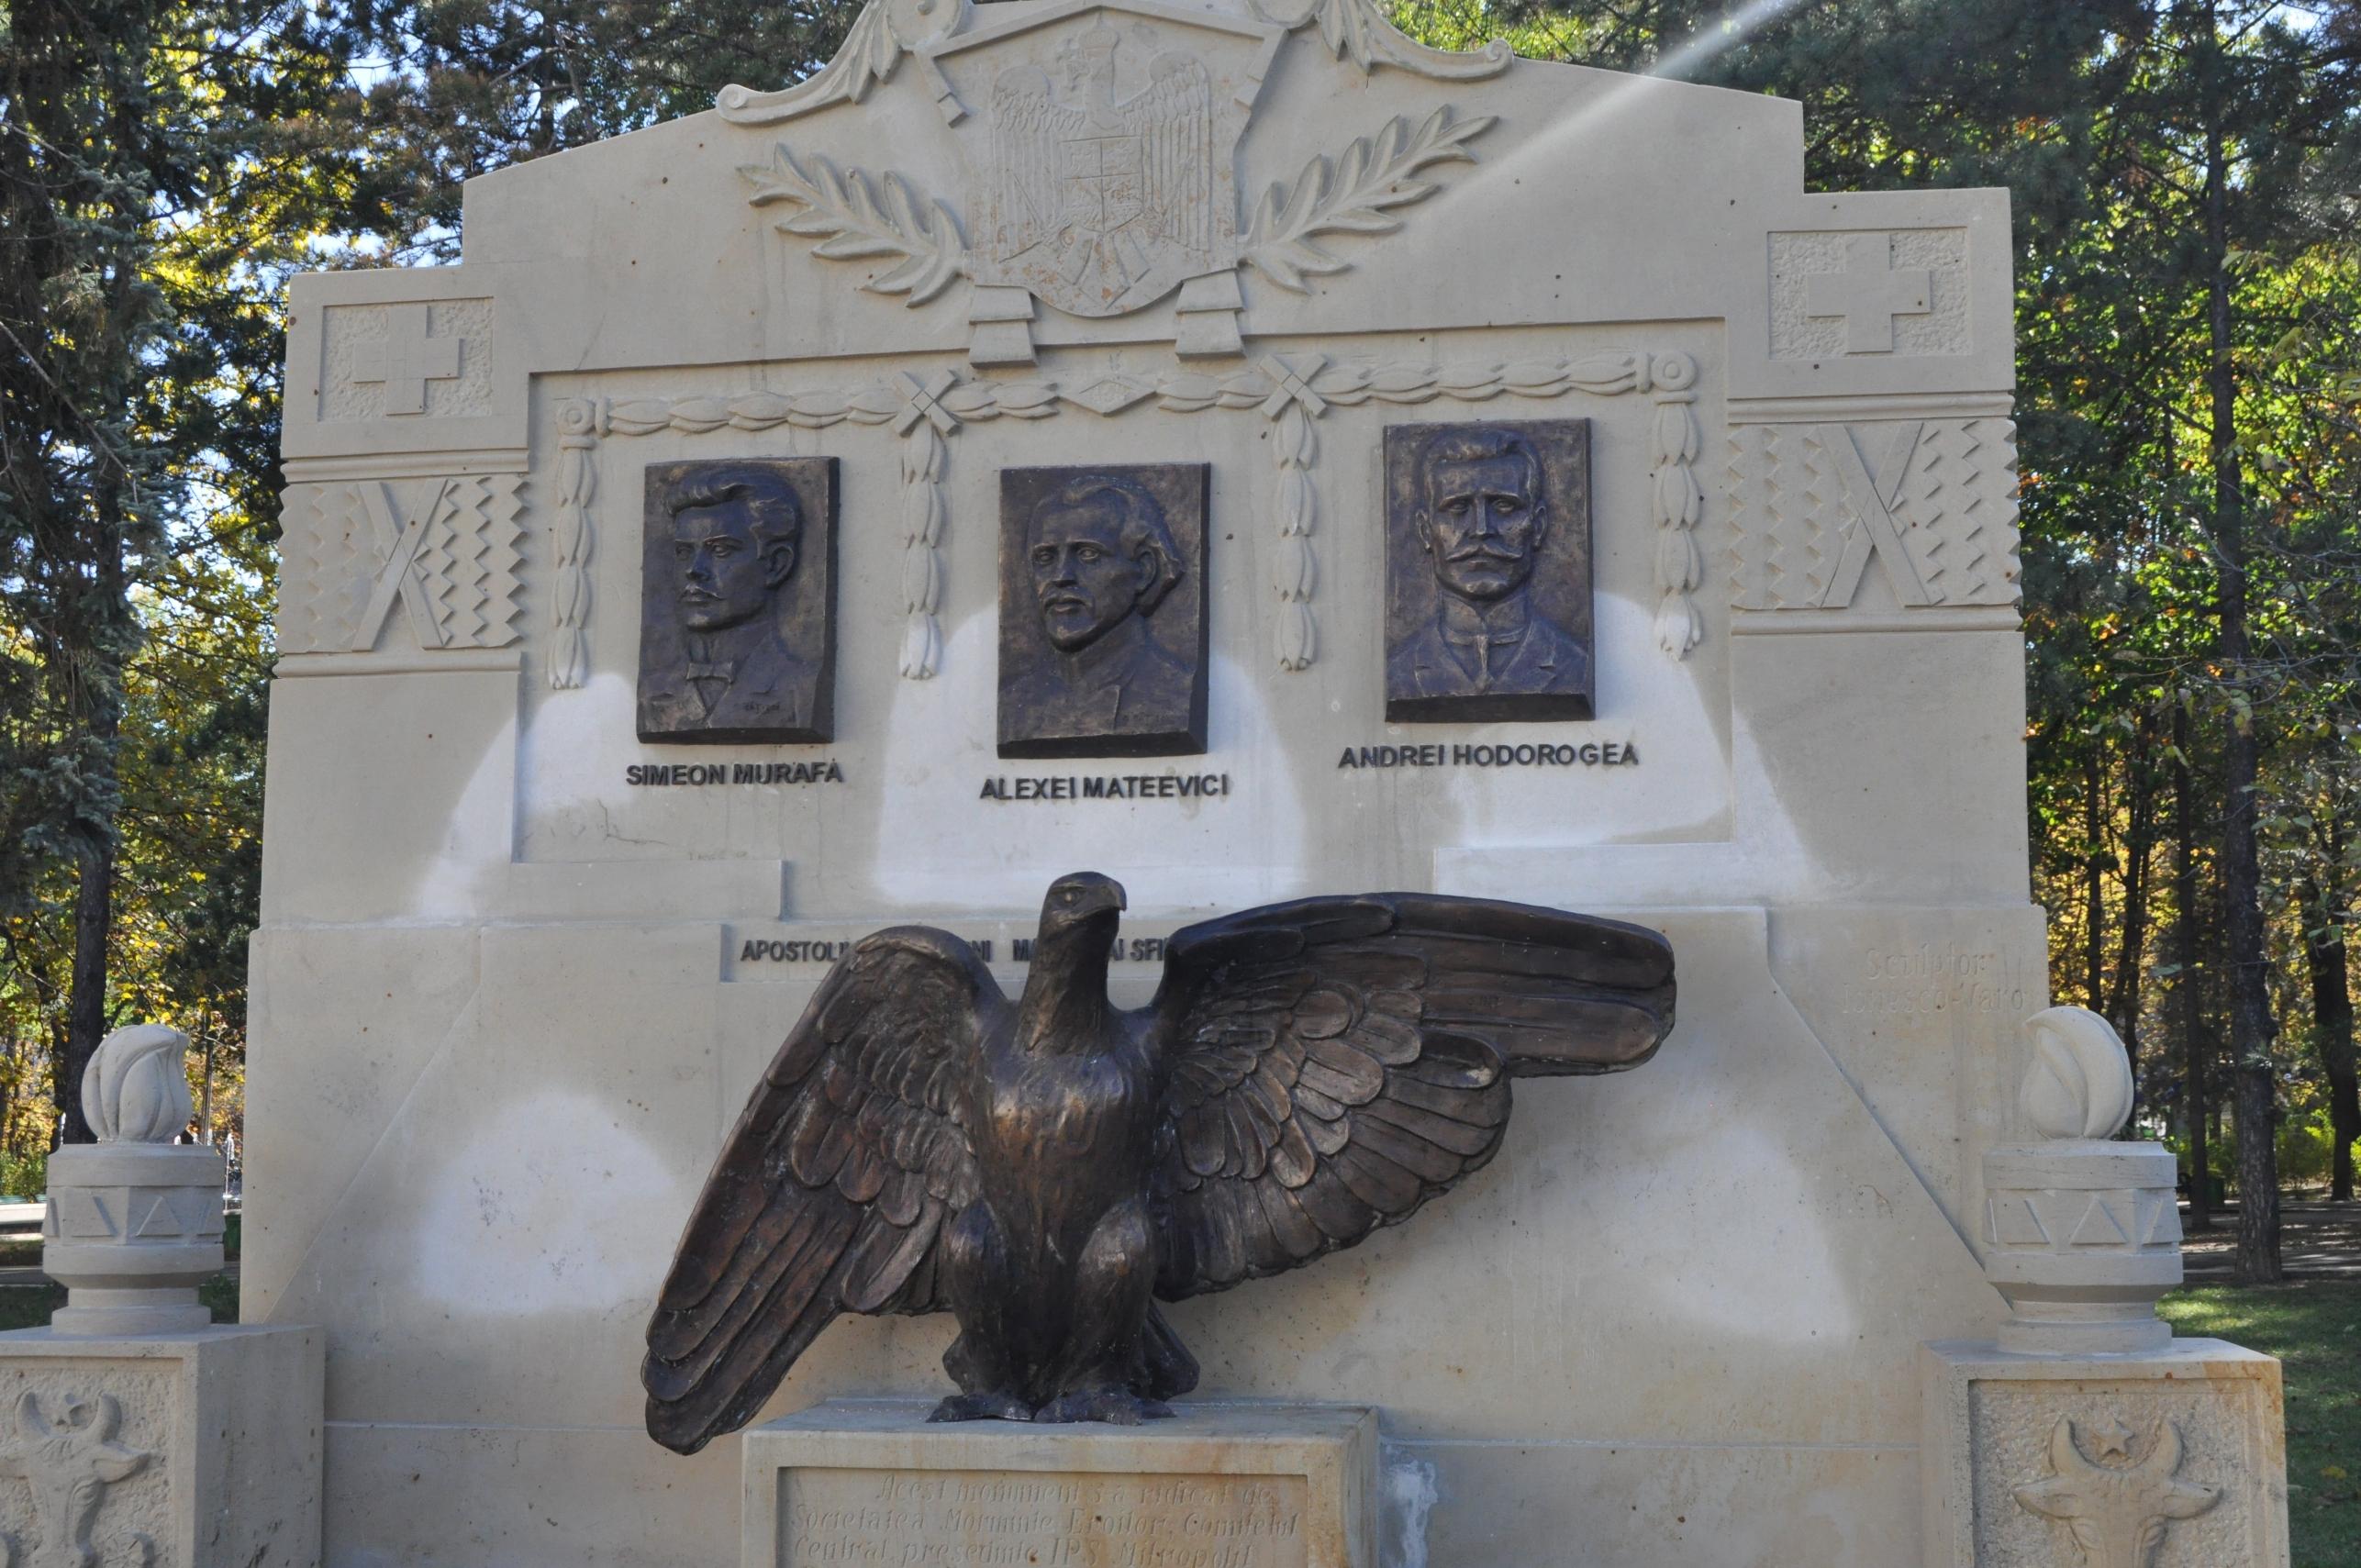 Мученики мученикам рознь